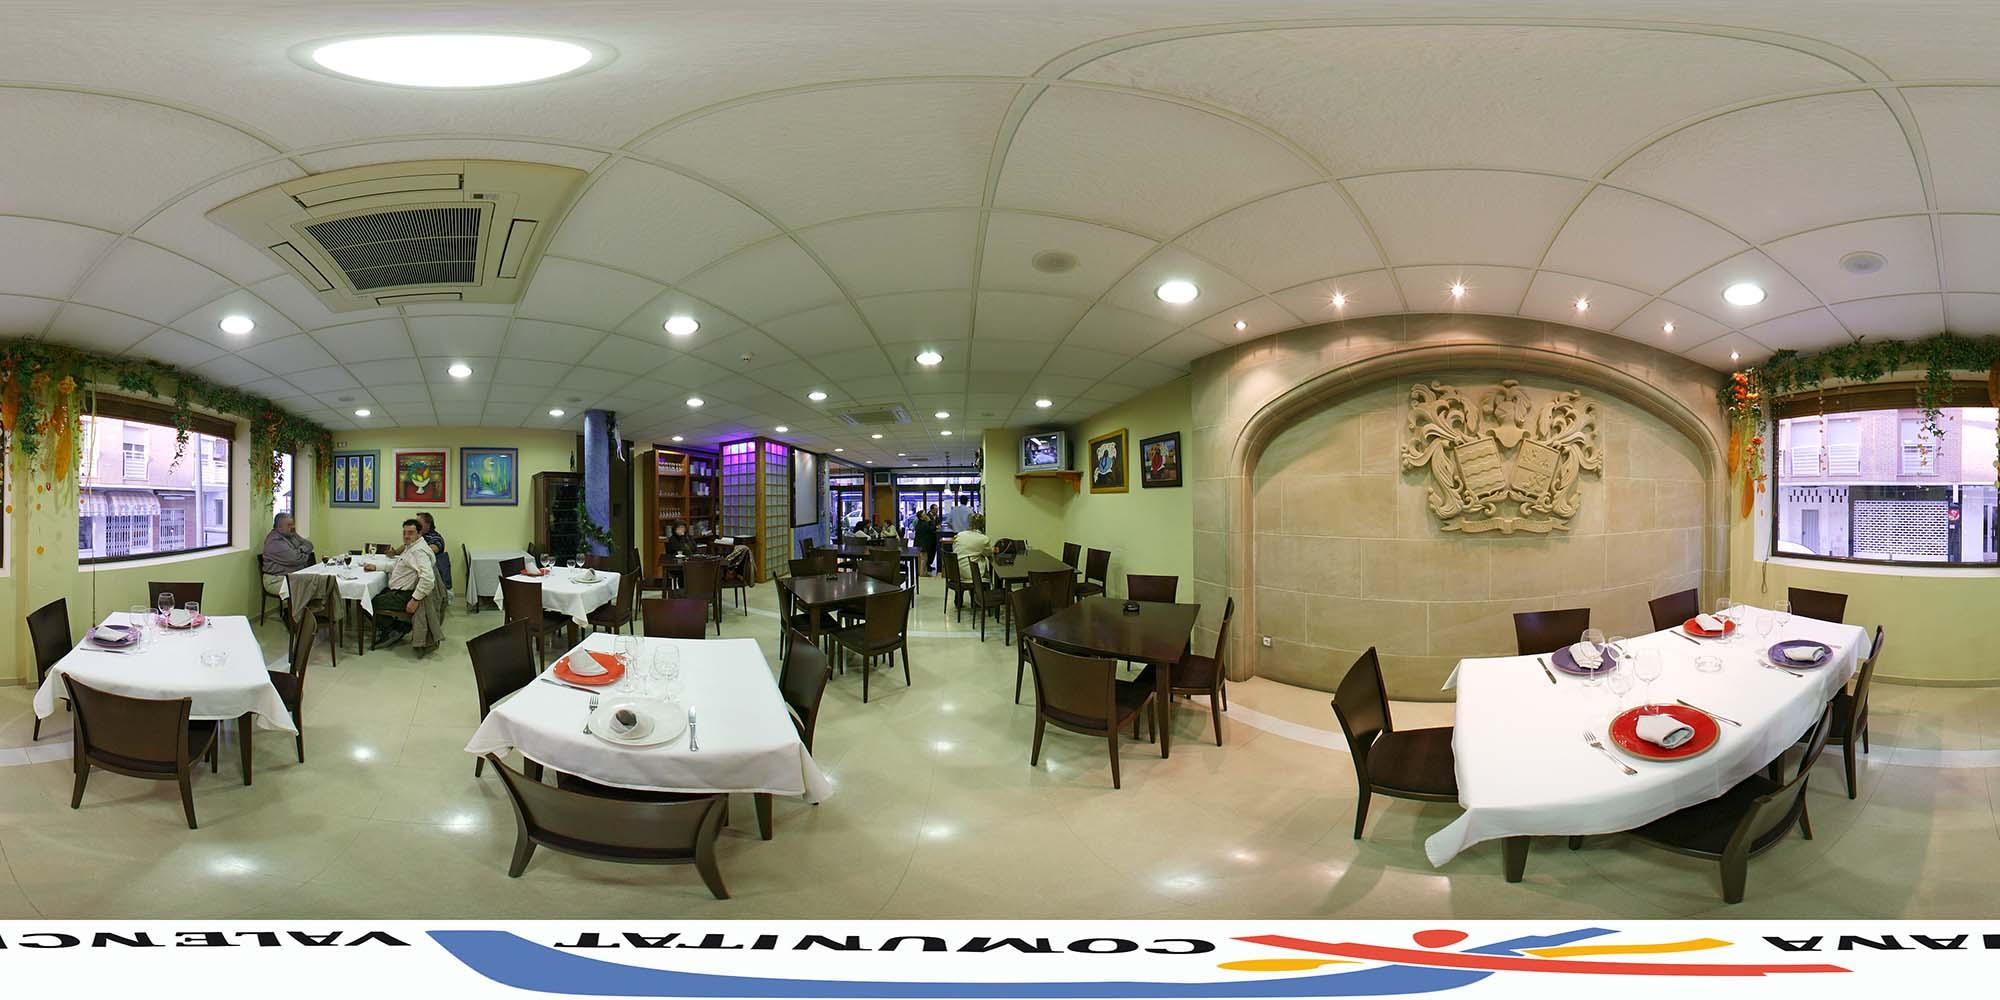 HOTEL TIO PEPE